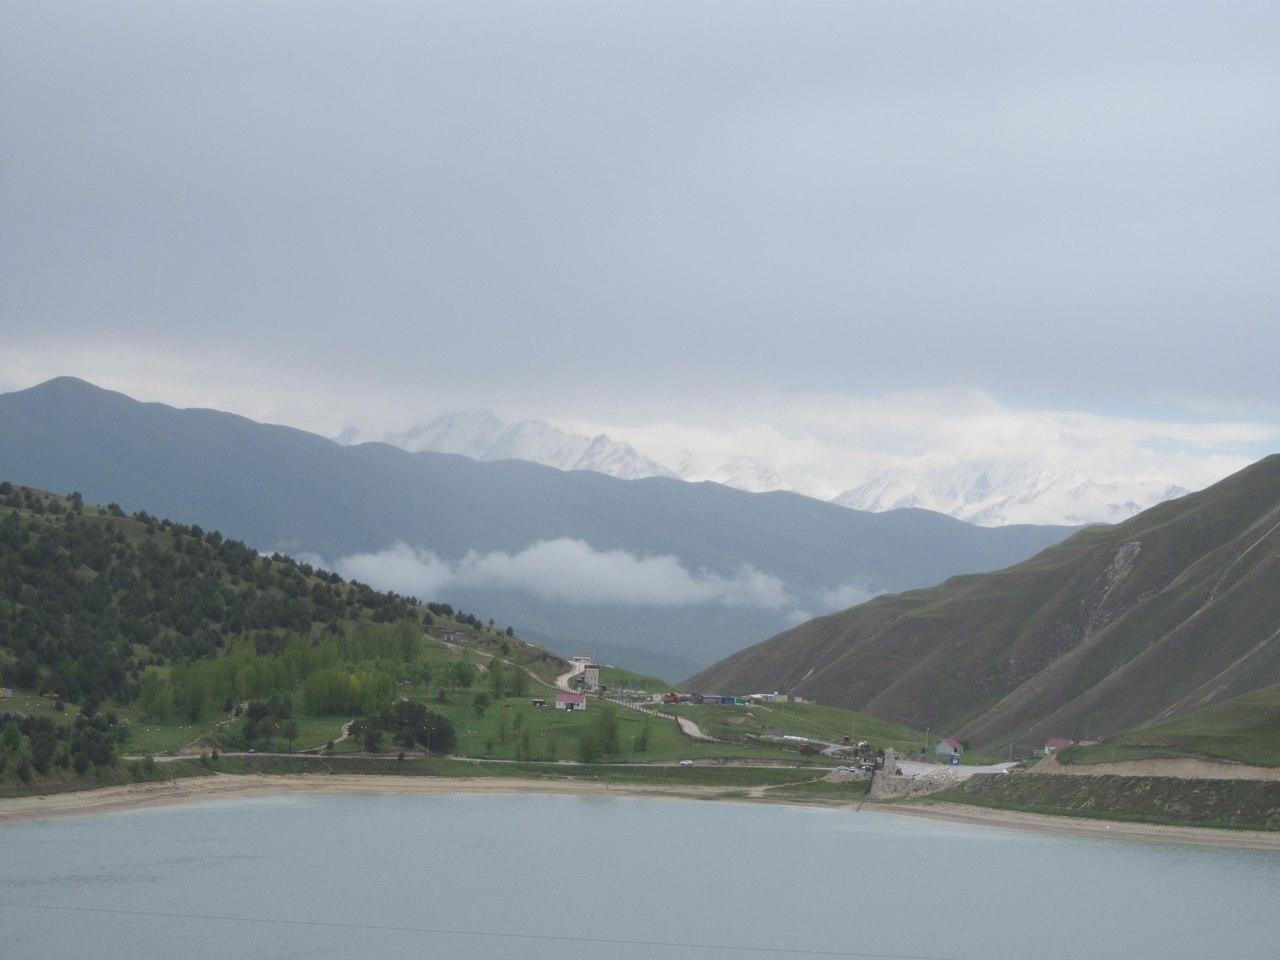 Поглядите только, как рядом с озером красиво! Любоваться этим пейзажем можно бесконечно